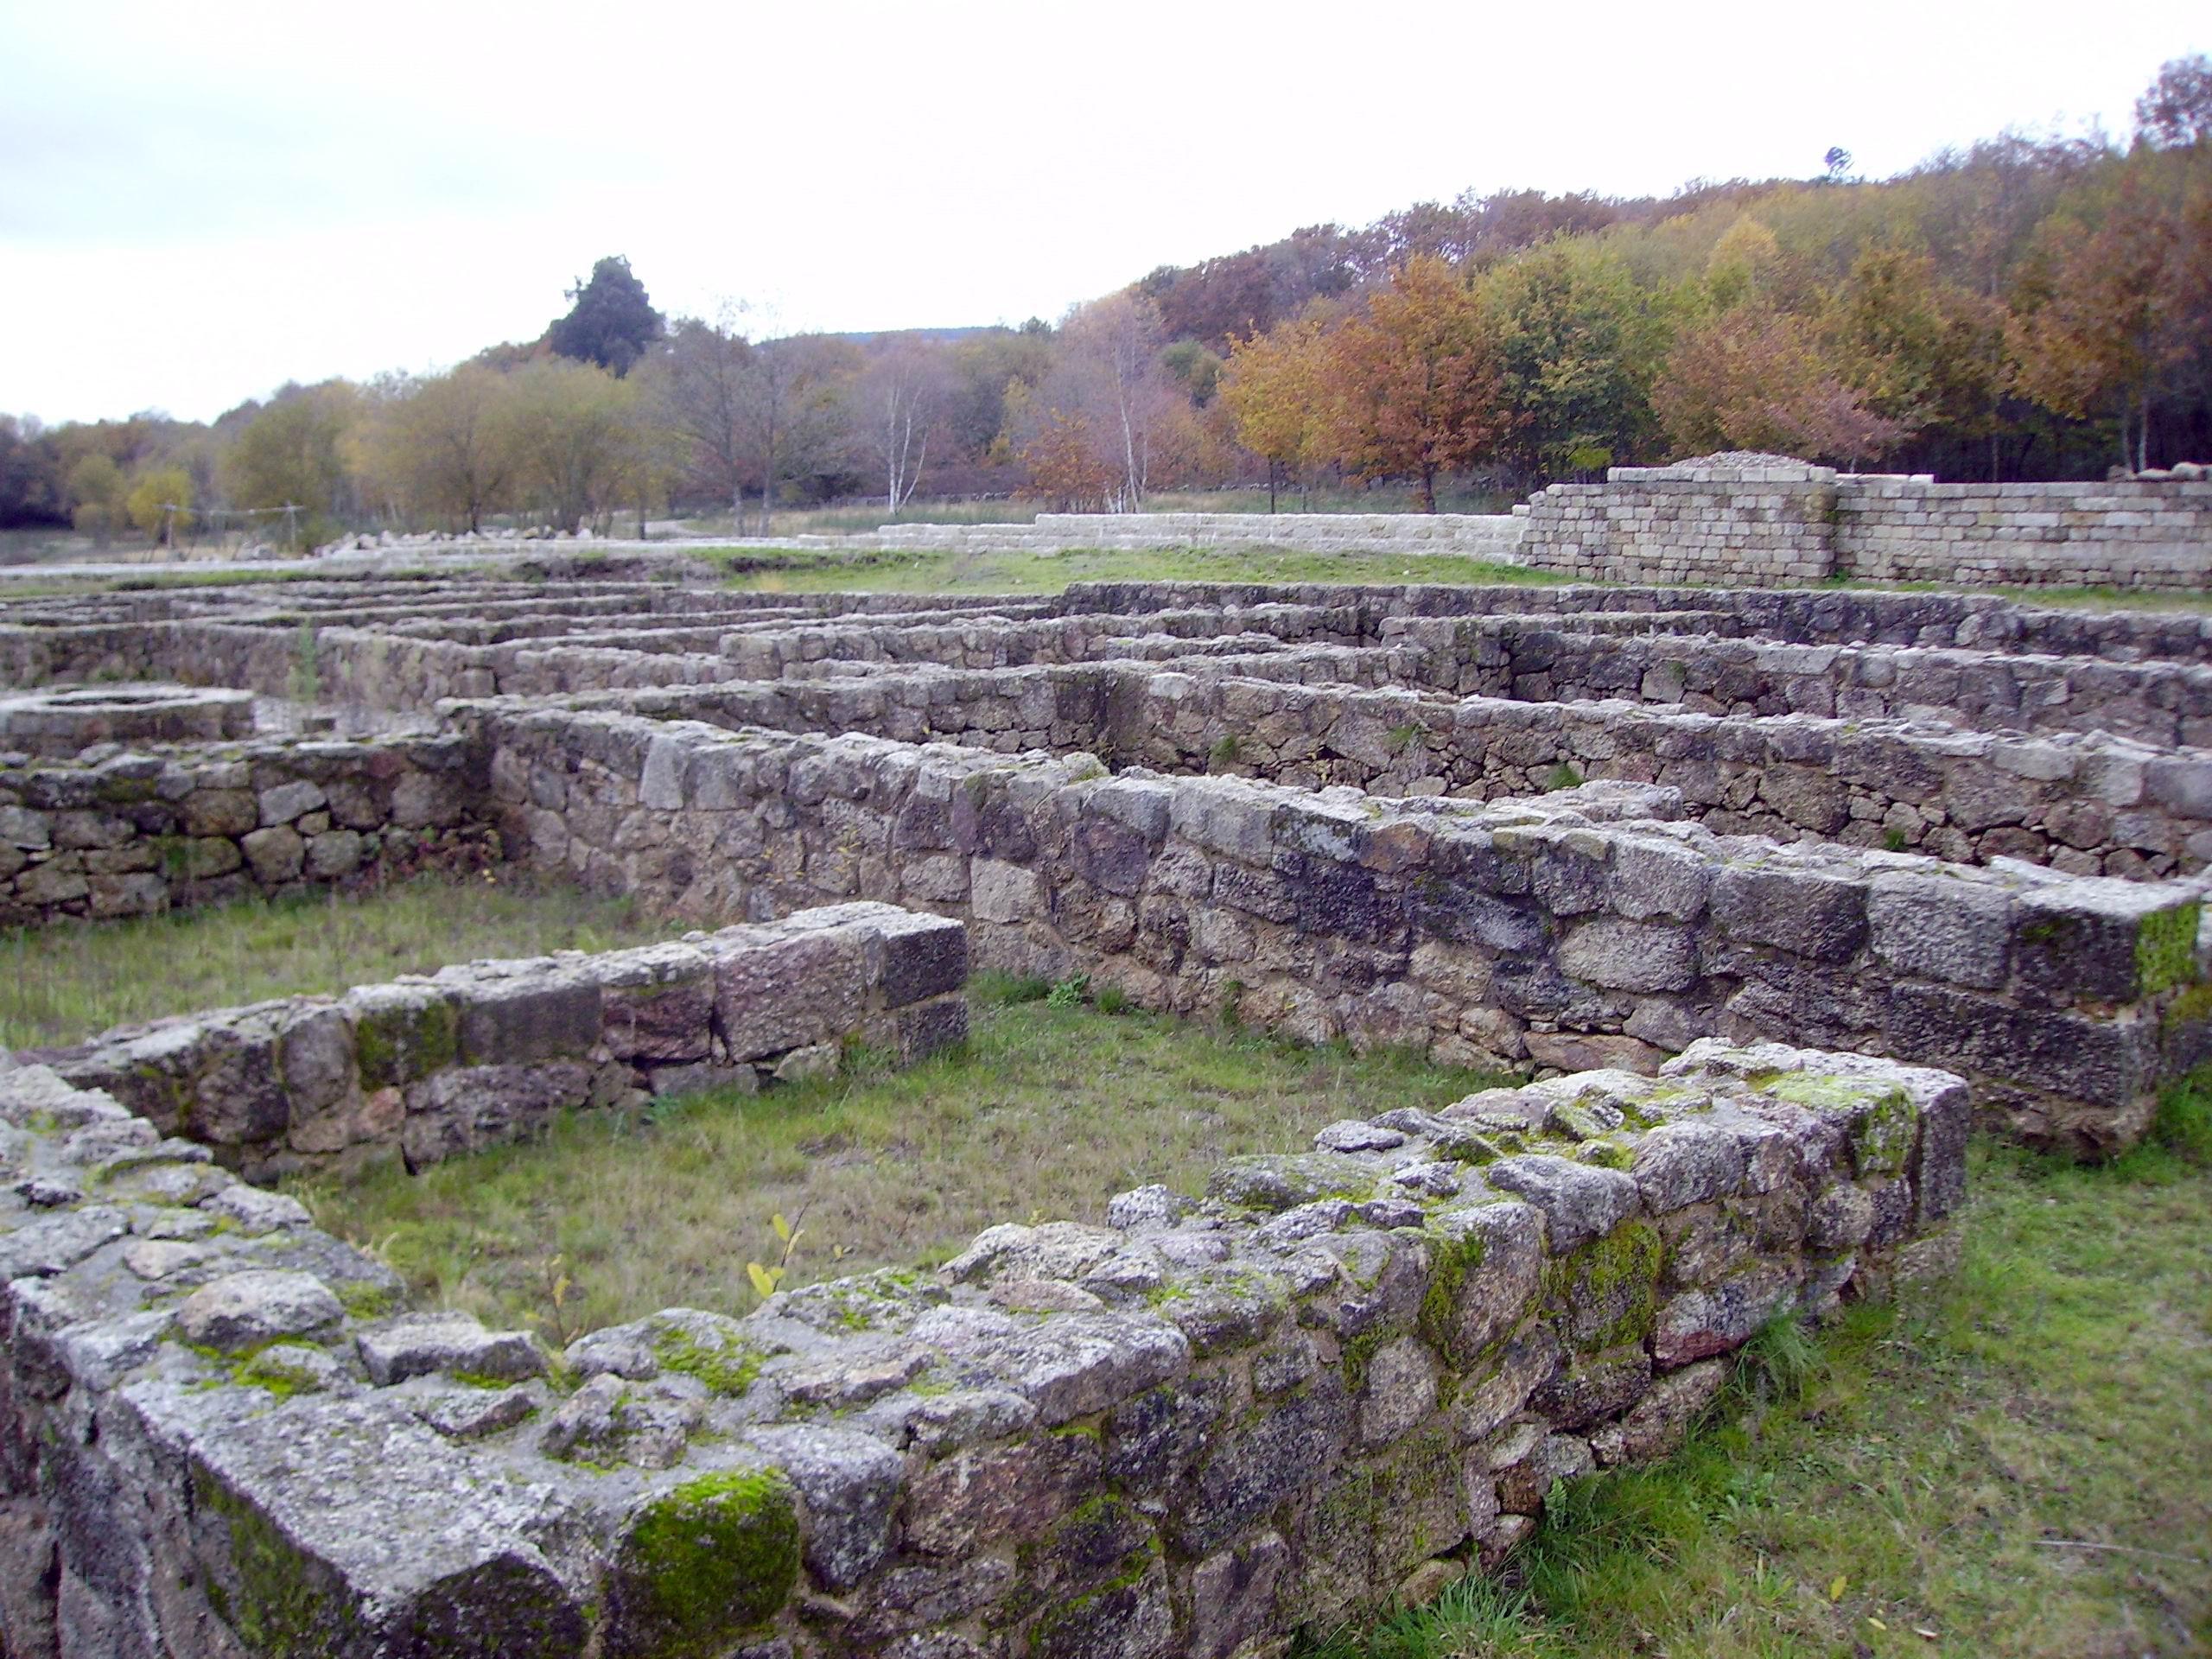 Baños Romanos De Bande:File:Campamento romano-Aquis QuerquenisJPG – Wikipedia